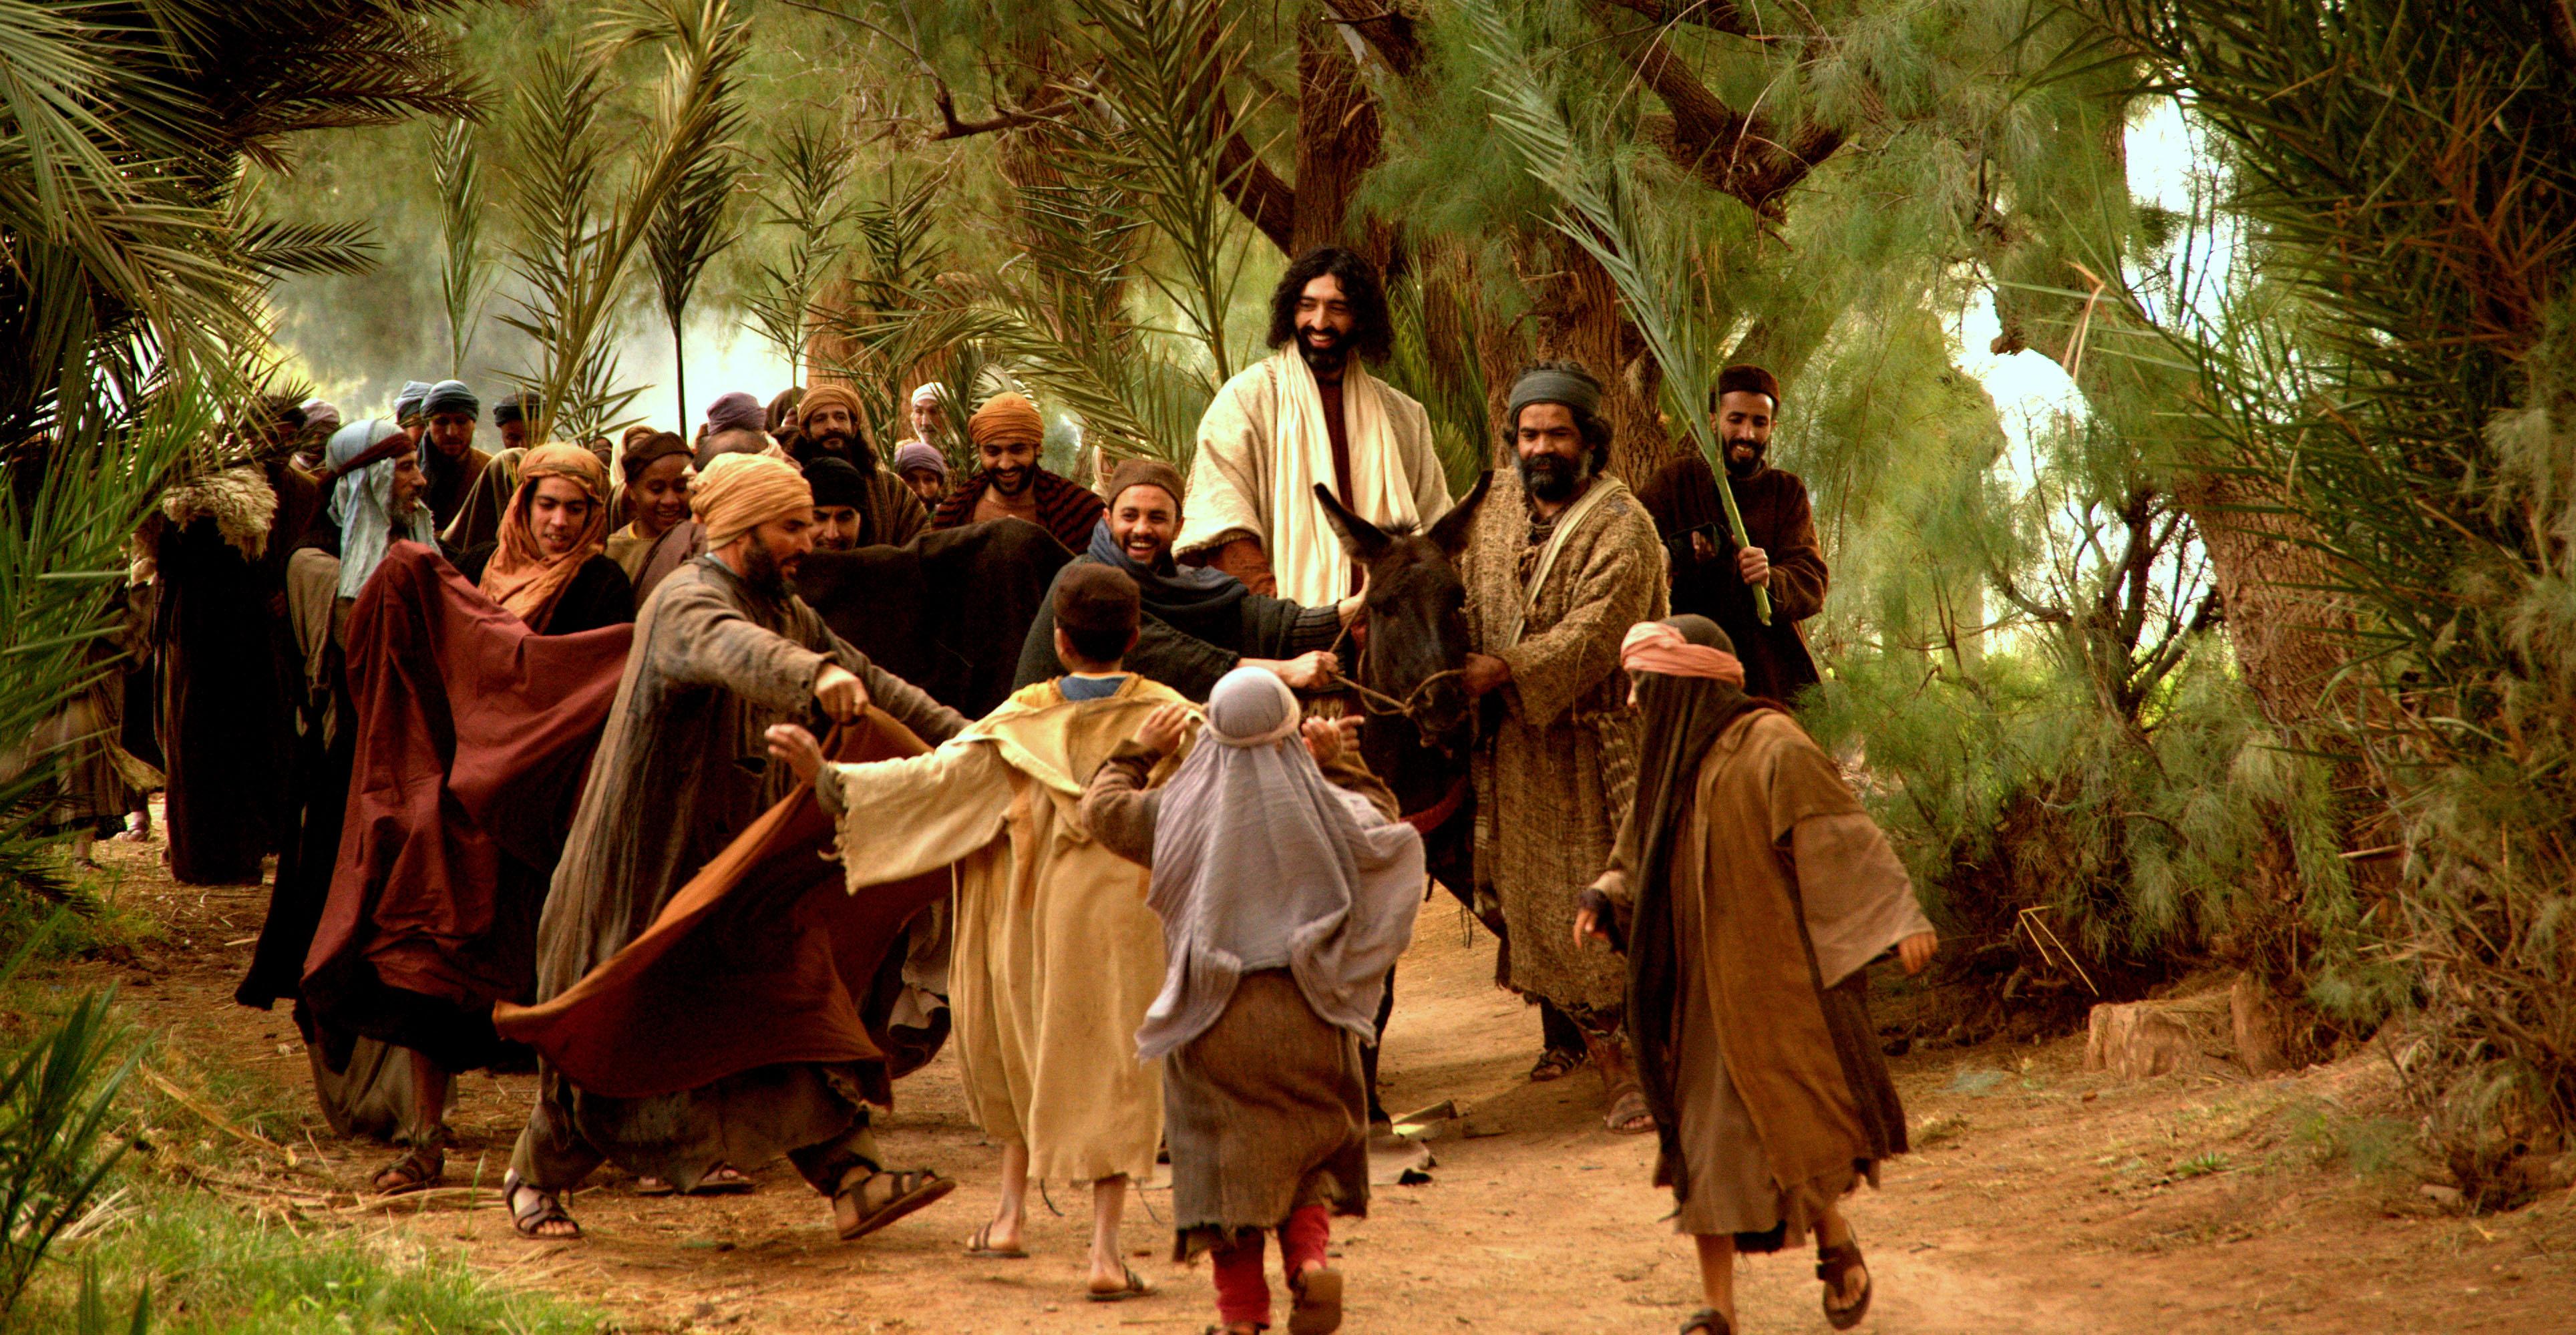 Gospel of Luke, The Lionsgate